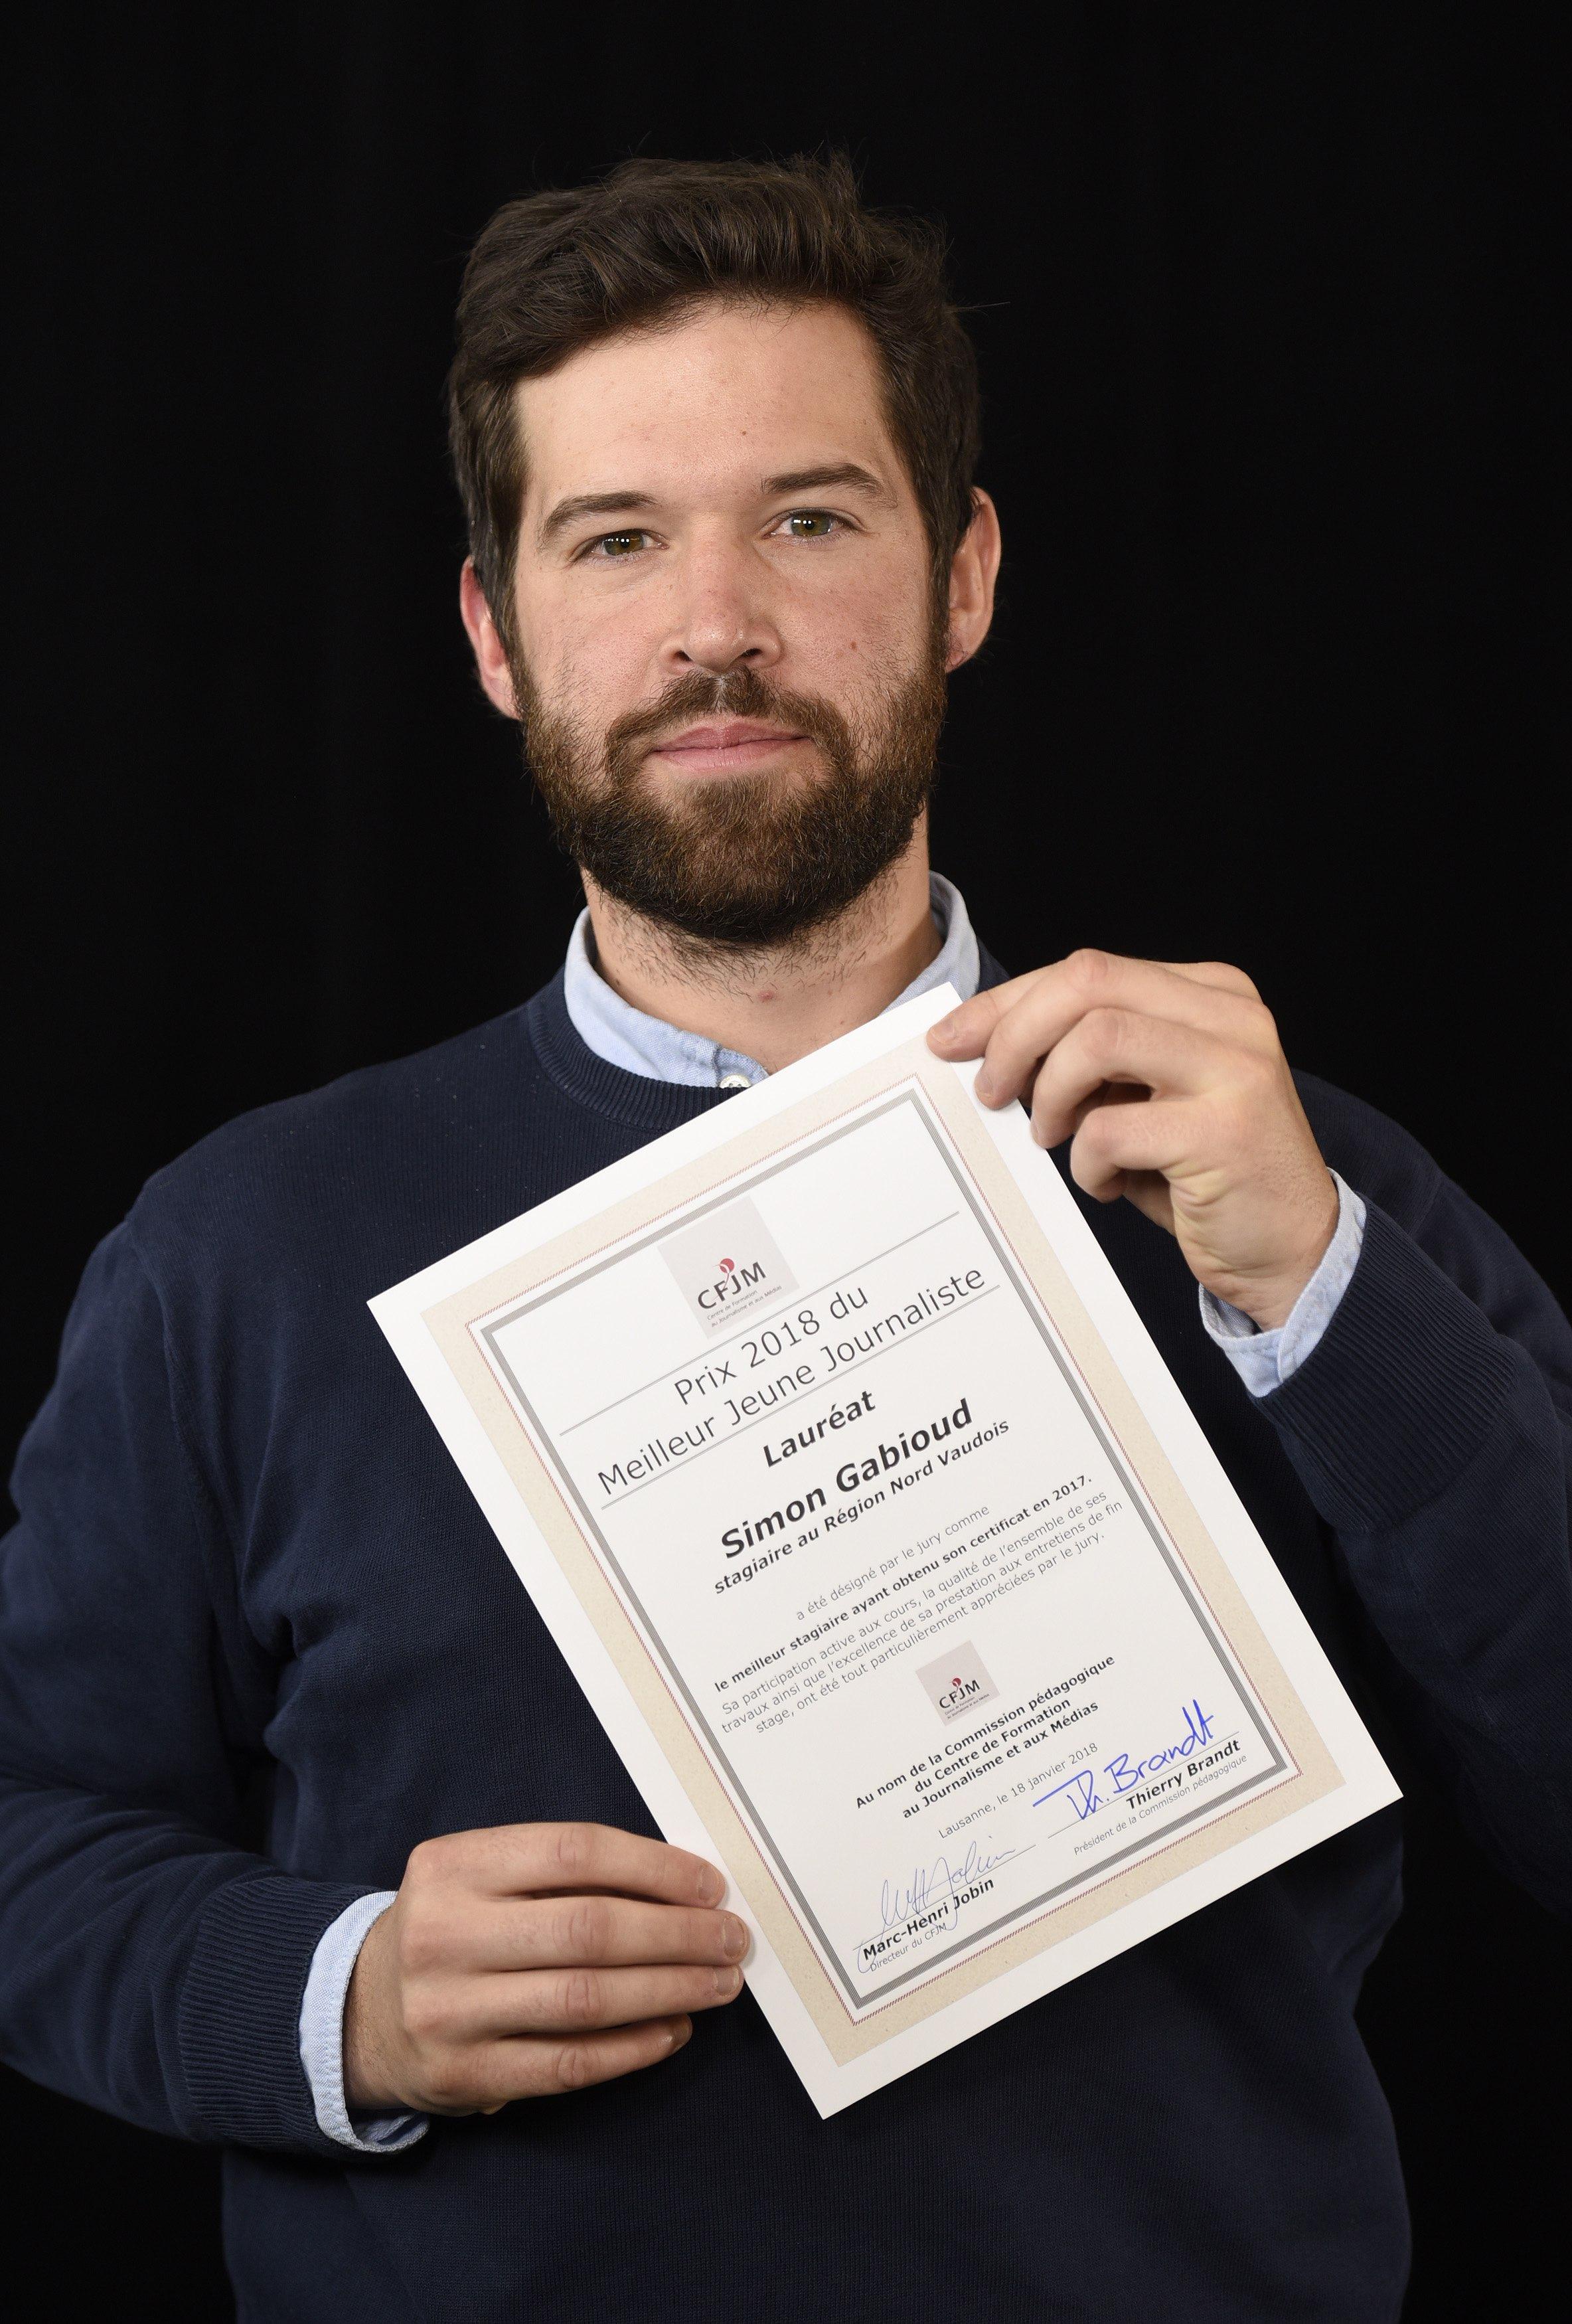 Simon gabioud laur at du prix 2018 du meilleur jeune journaliste centre de formation au - Prix du meilleur architecte ...